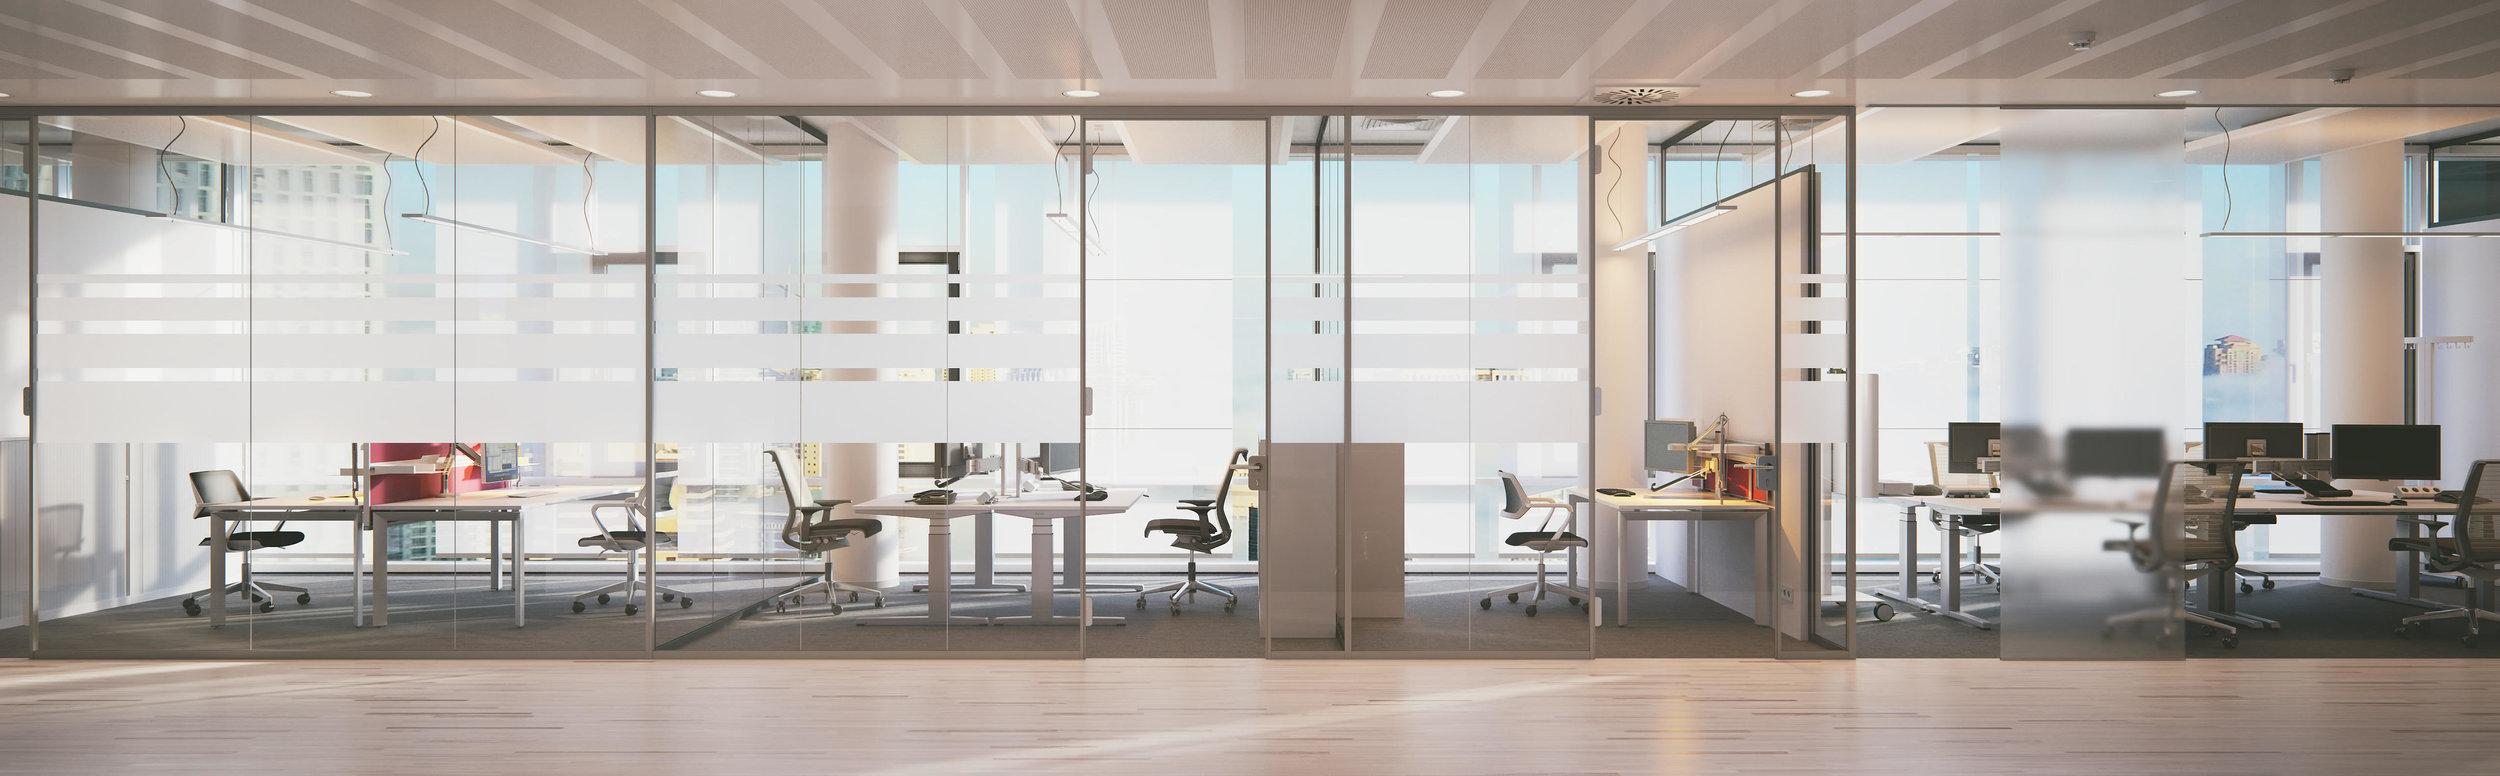 Office Interior.jpg